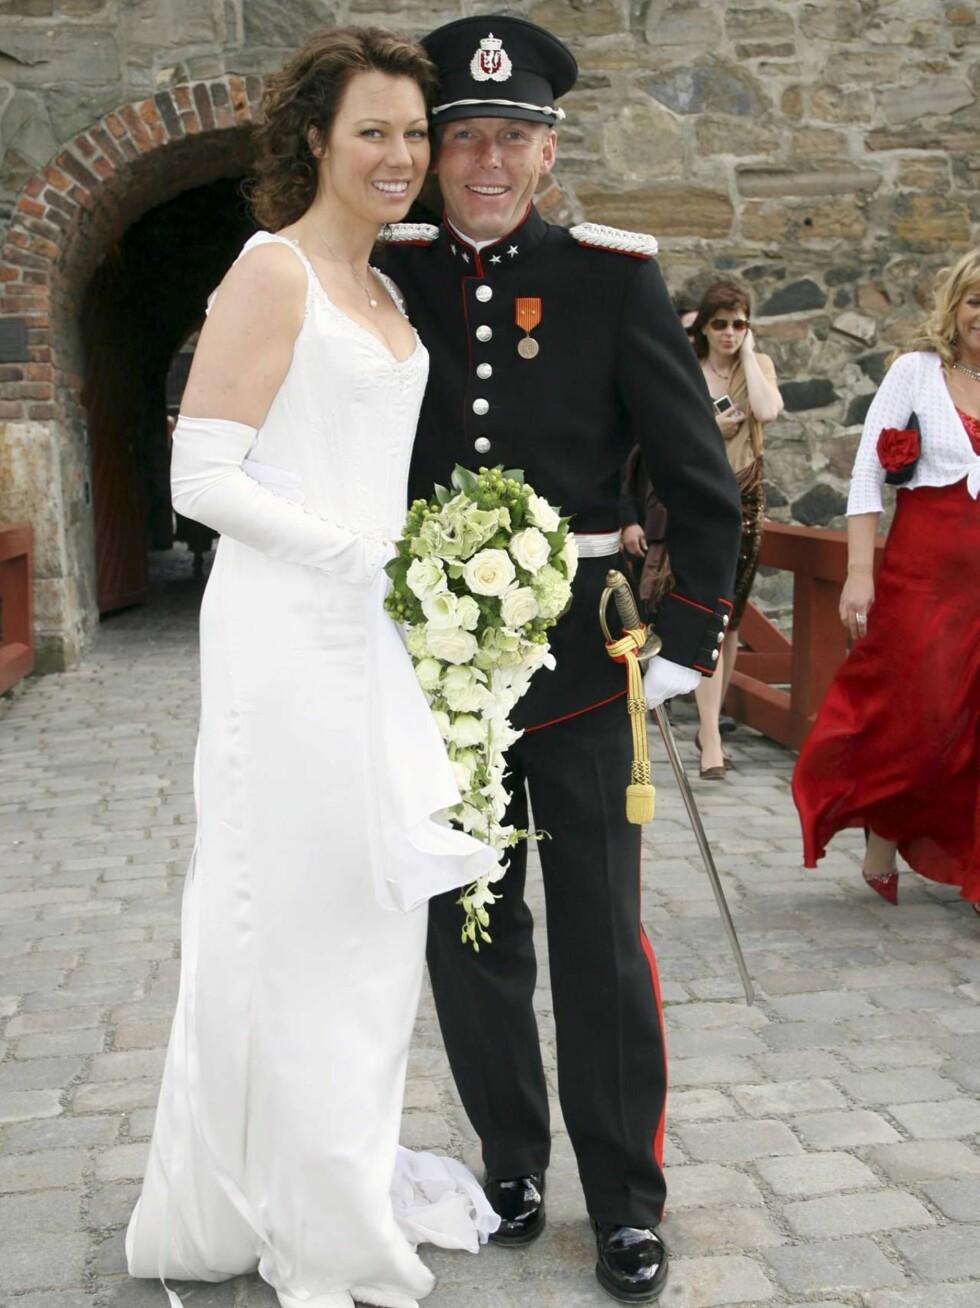 VAKKER: Trines eksklusive brudekjole ble spesialdesignet av kjendisdesigner Kåre Jånni Enderud. Foto: Tore Skaar, Se og Hør